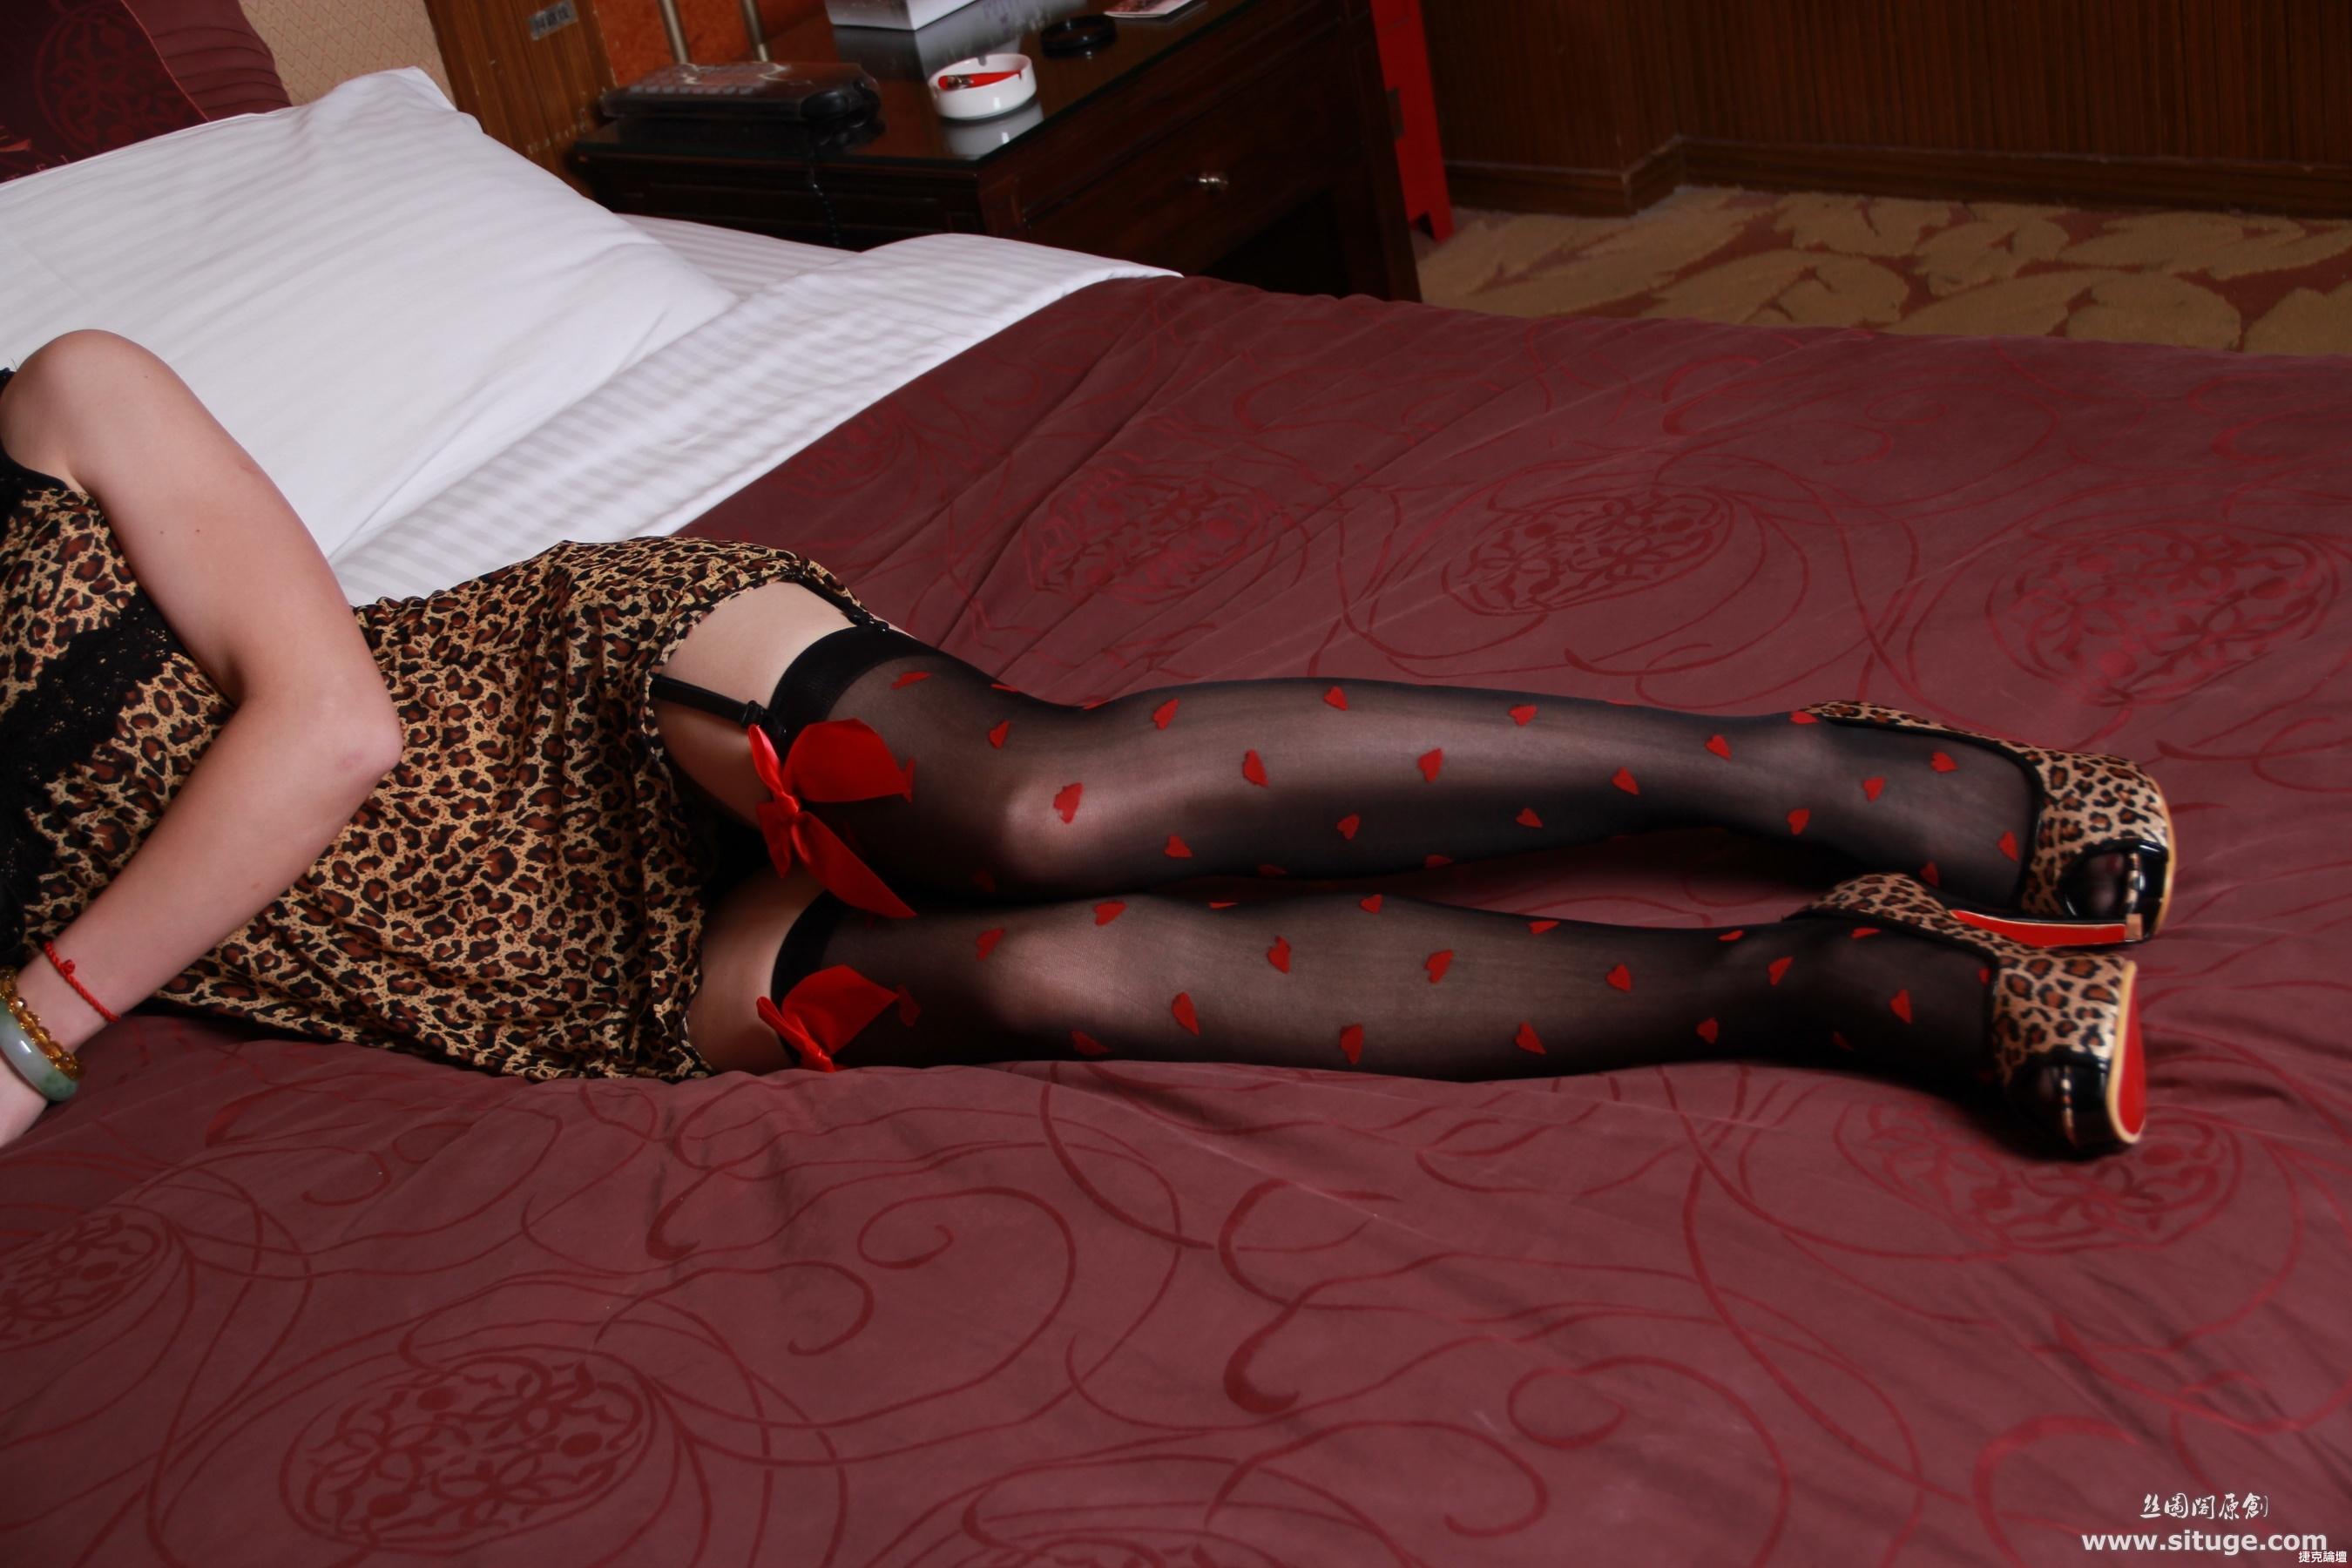 [絲圖閣]STG No.006 Abby [59P] - 貼圖 - 絲襪美腿 -